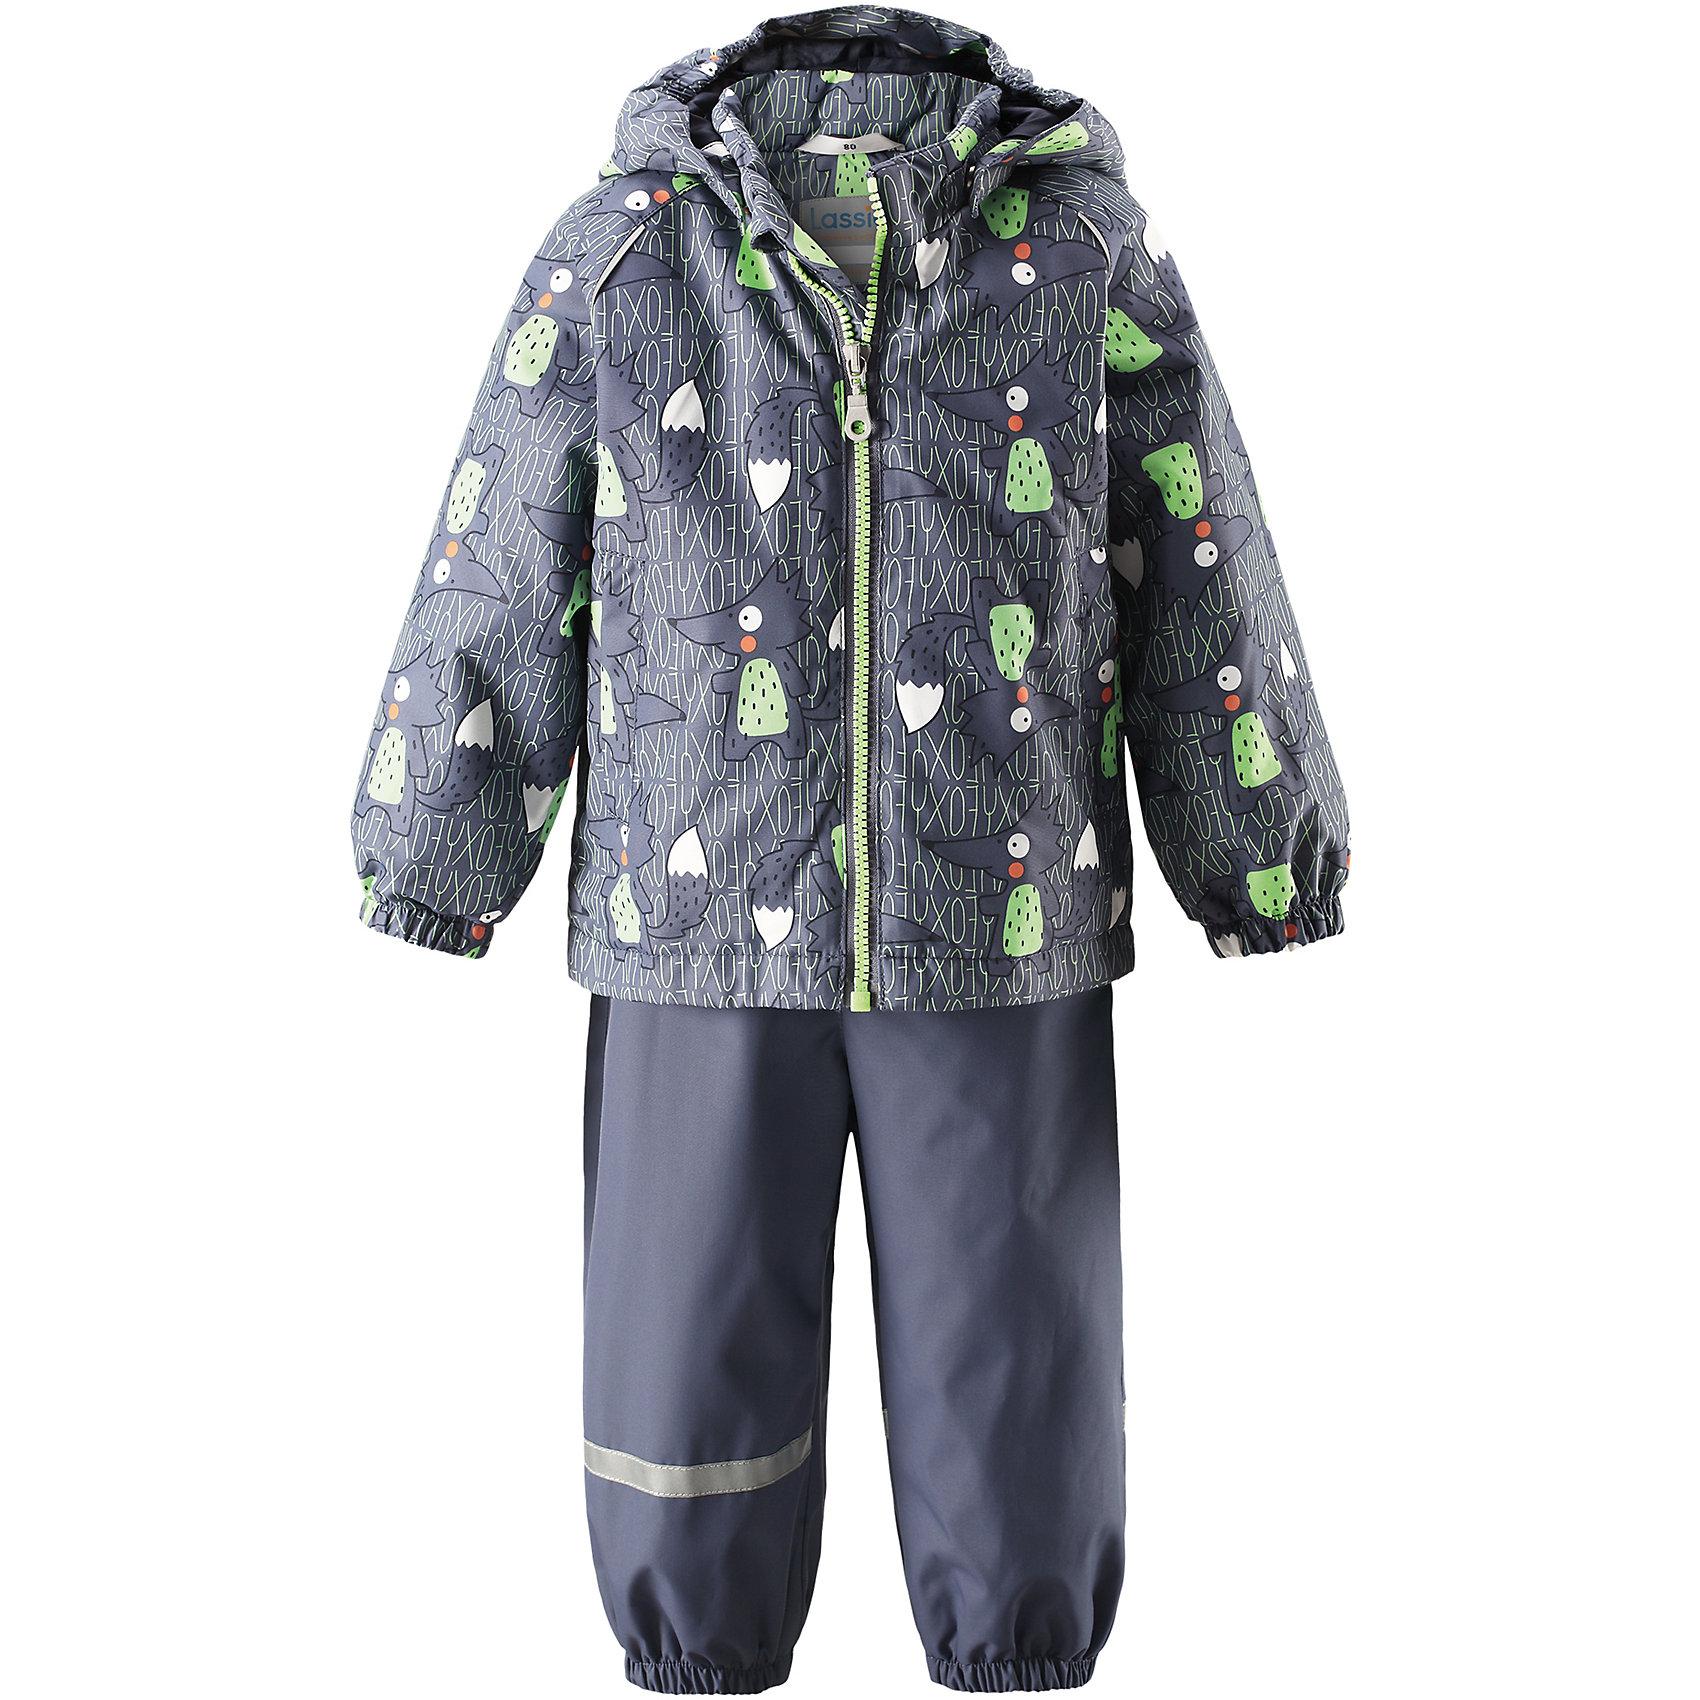 Комплект LASSIEВерхняя одежда<br>Комплект LASSIE<br>Состав:<br>100% Полиэстер, полиуретановое покрытие<br> Демисезонный комплект для самых маленьких.<br> Водоотталкивающий, ветронепроницаемый и «дышащий» материал.<br> Гладкая подкладка из полиэстра.<br> Легкая степень утепления.<br> Безопасный, съемный капюшон.<br> Эластичные манжеты.<br> Регулируемый обхват талии.<br> Эластичные штанины.<br> Съемные штрипки.<br> Два прорезных кармана.<br> Регулируемые эластичные подтяжки.<br><br>Ширина мм: 356<br>Глубина мм: 10<br>Высота мм: 245<br>Вес г: 519<br>Цвет: серый<br>Возраст от месяцев: 6<br>Возраст до месяцев: 9<br>Пол: Унисекс<br>Возраст: Детский<br>Размер: 74,86,98,92,80<br>SKU: 5264904